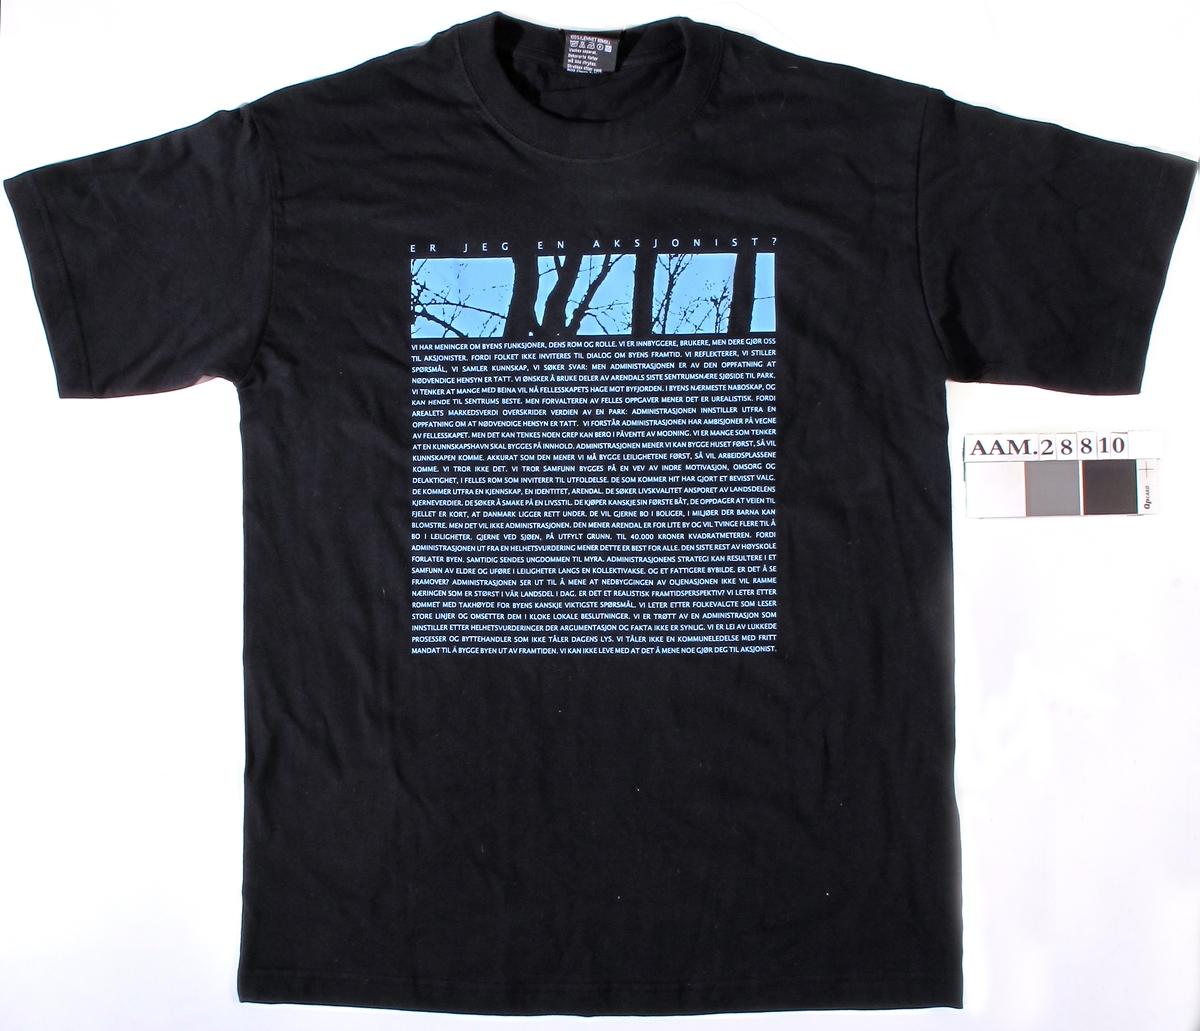 Sort T-skjorte med påtrykt felt med tekst og antydning til trestammer. Tekstens innleding:  Er jeg en aksjonist? ...